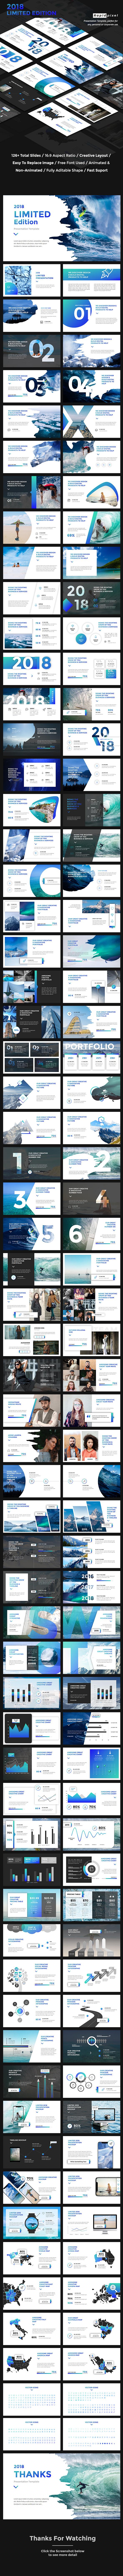 2018 Limited Edition Google Slides - Google Slides Presentation Templates